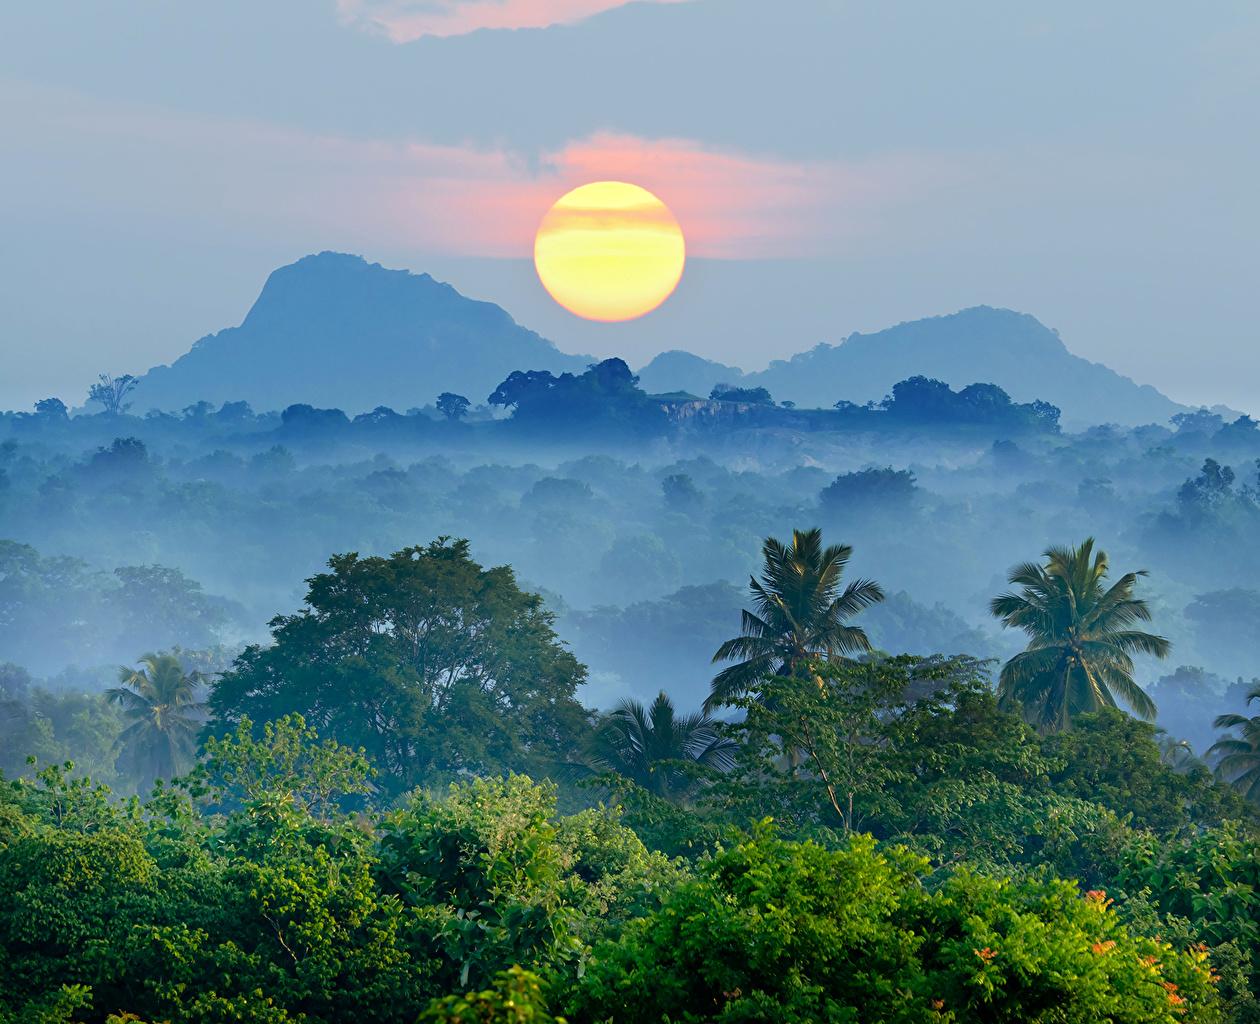 Foto Natura Il Sole Montagne Cielo Foreste Paesaggio alba e tramonto montagna foresta Albe e tramonti